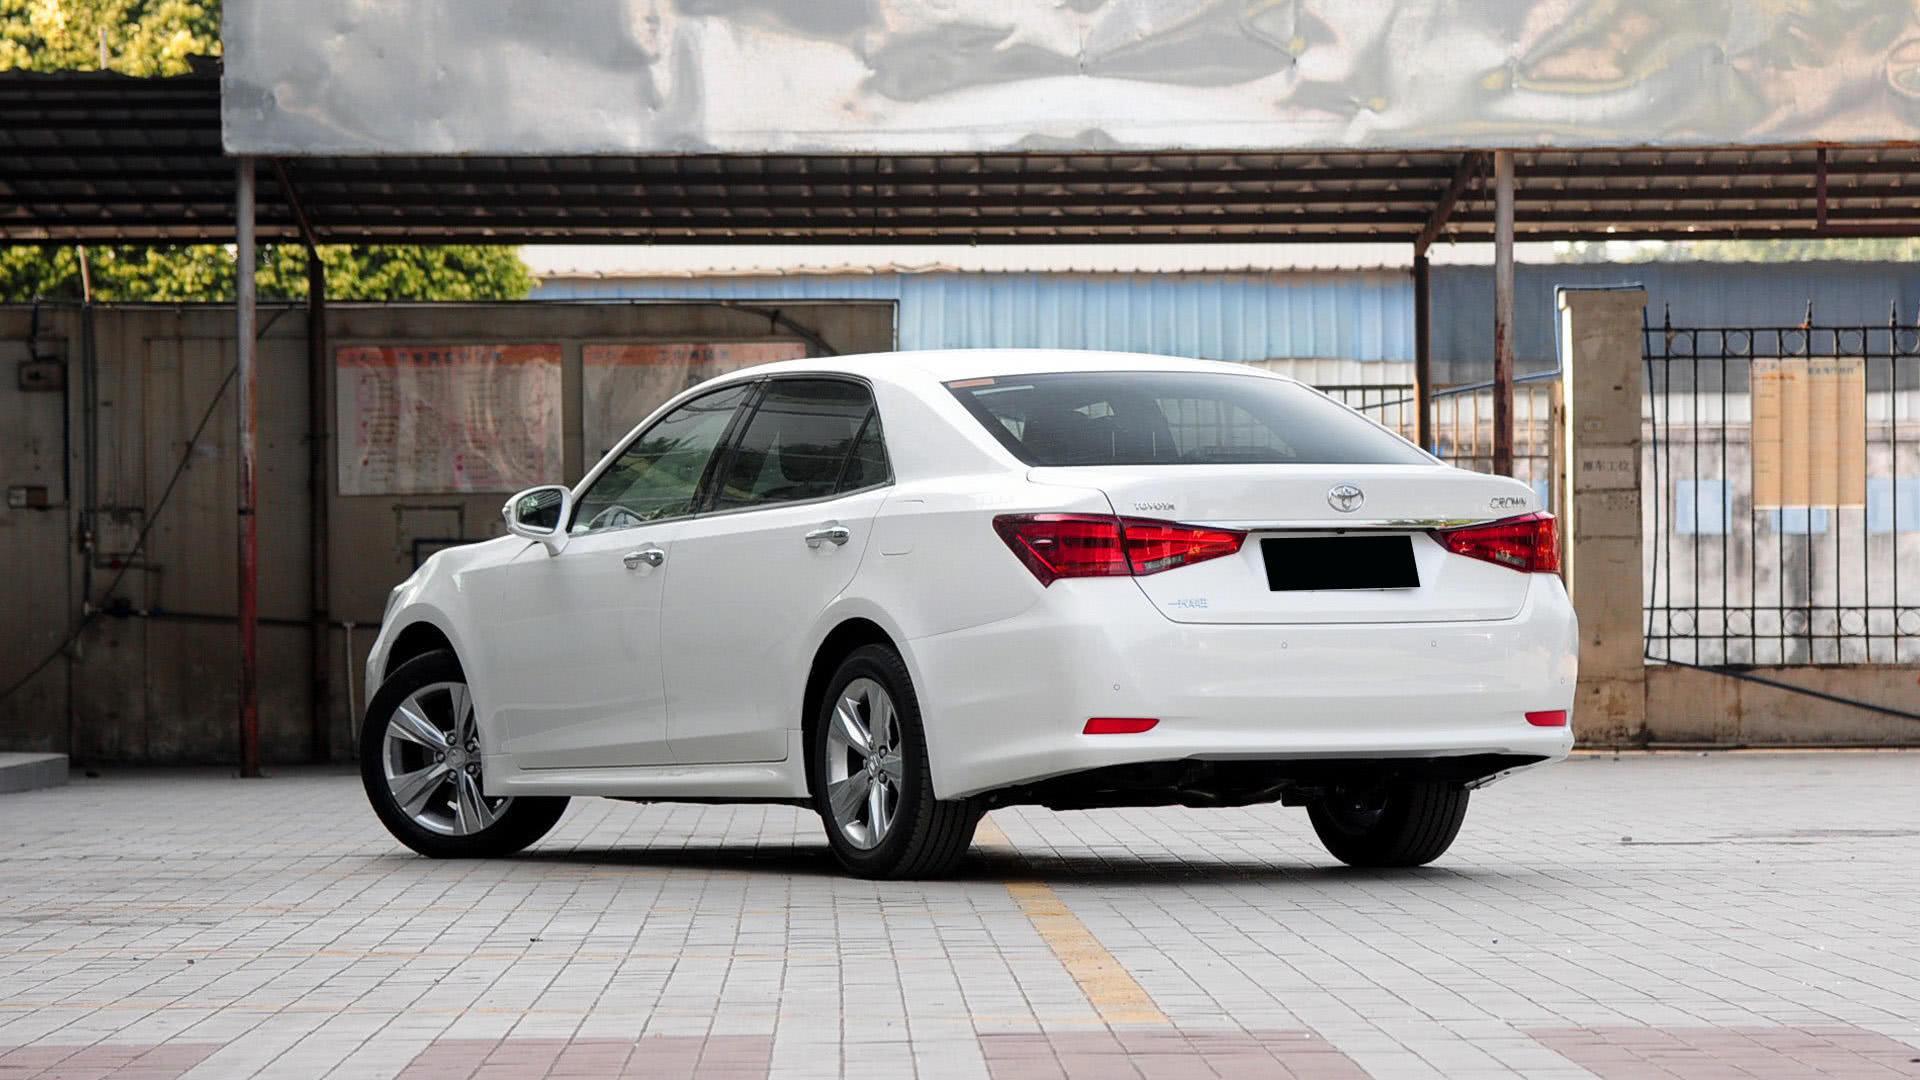 丰田粉哭了锐志大哥也将停产后驱V6五米长仅20万